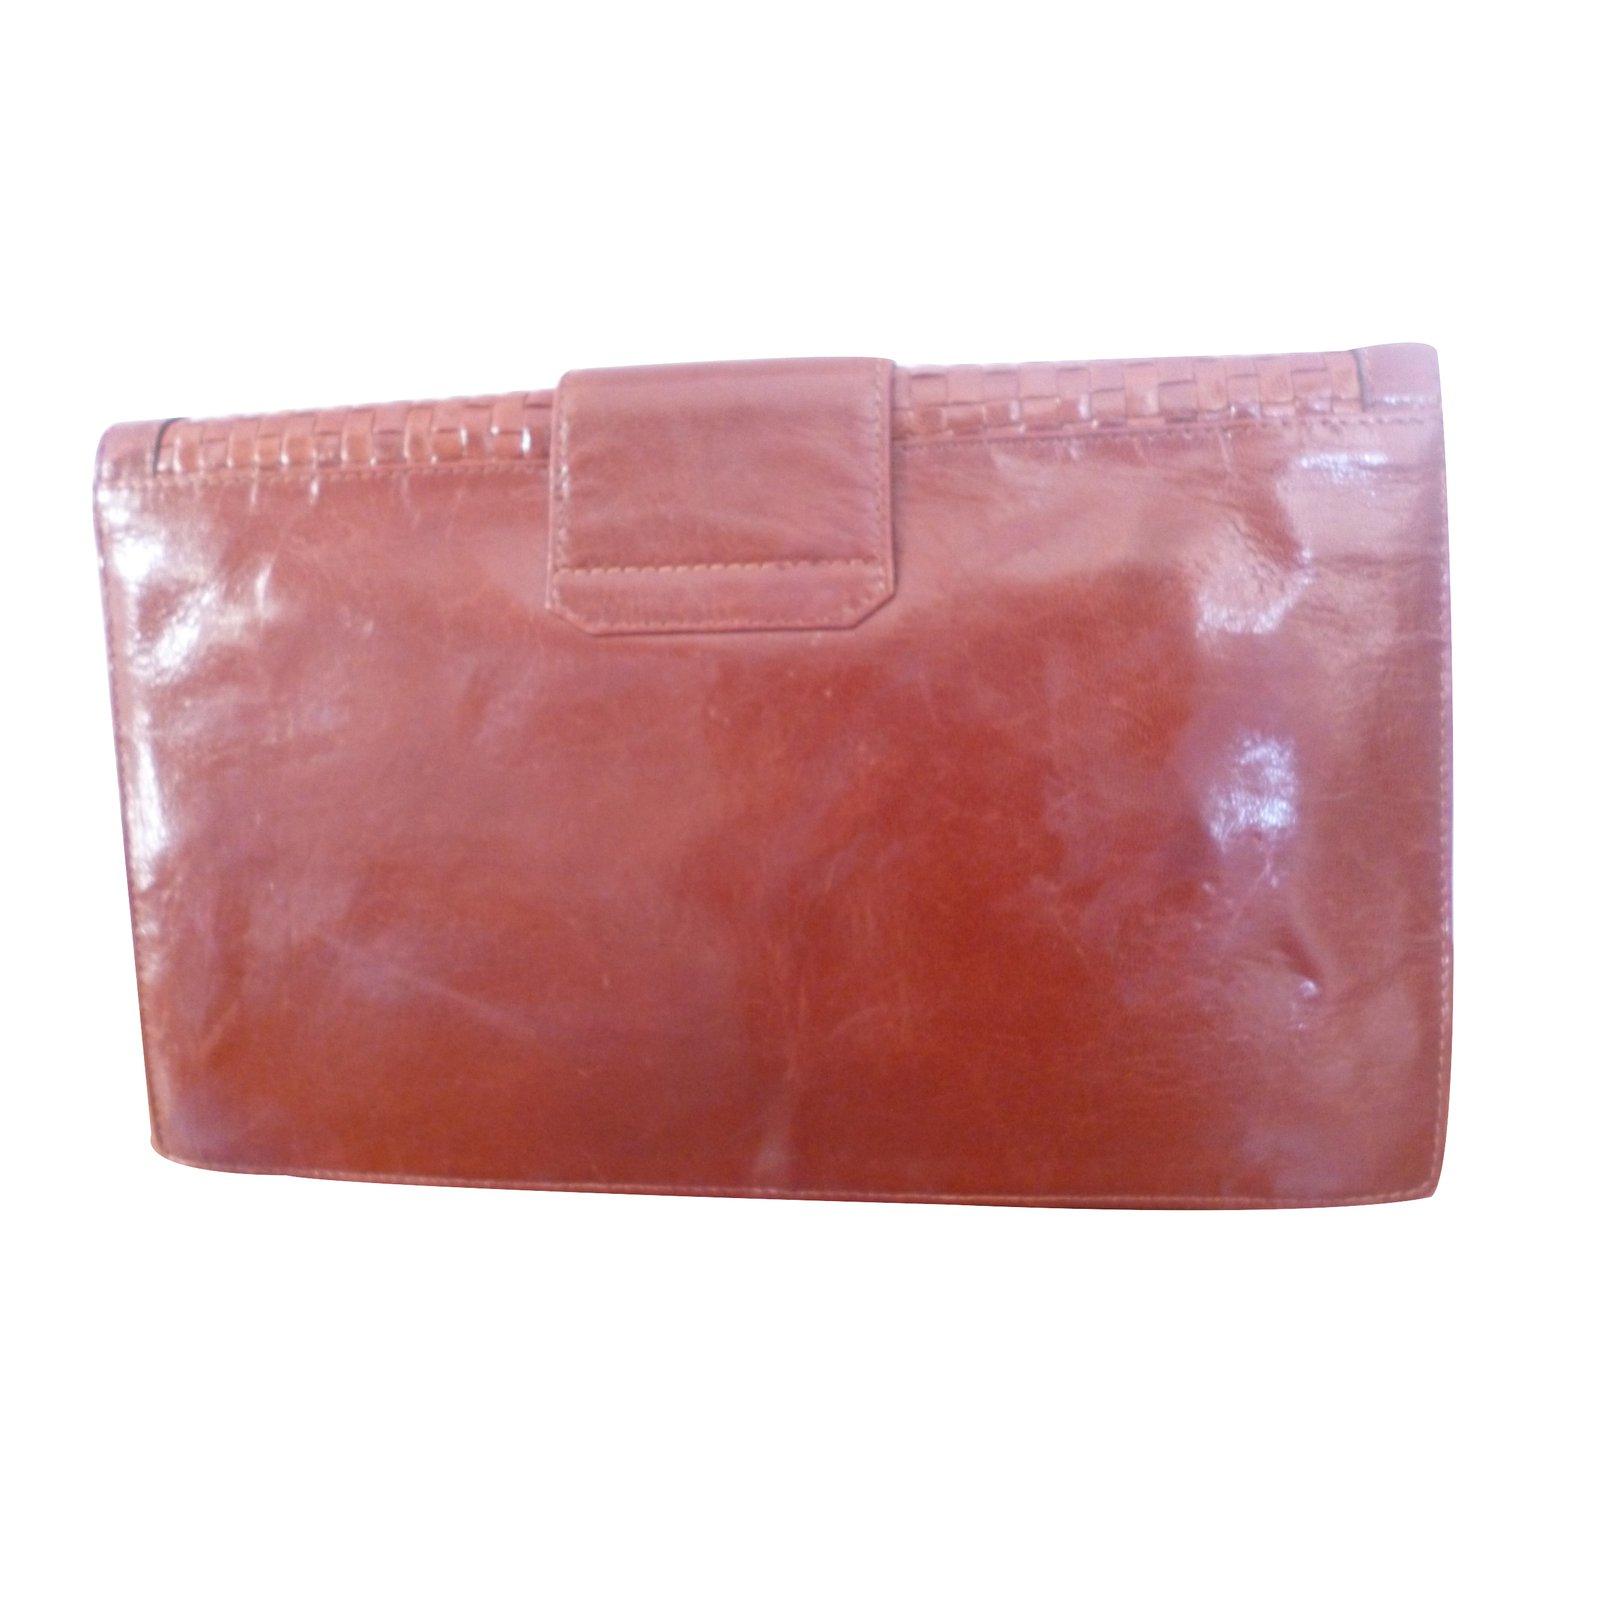 64772da75103 Fendi Clutch bag Clutch bags Leather Brown ref.28882 - Joli Closet